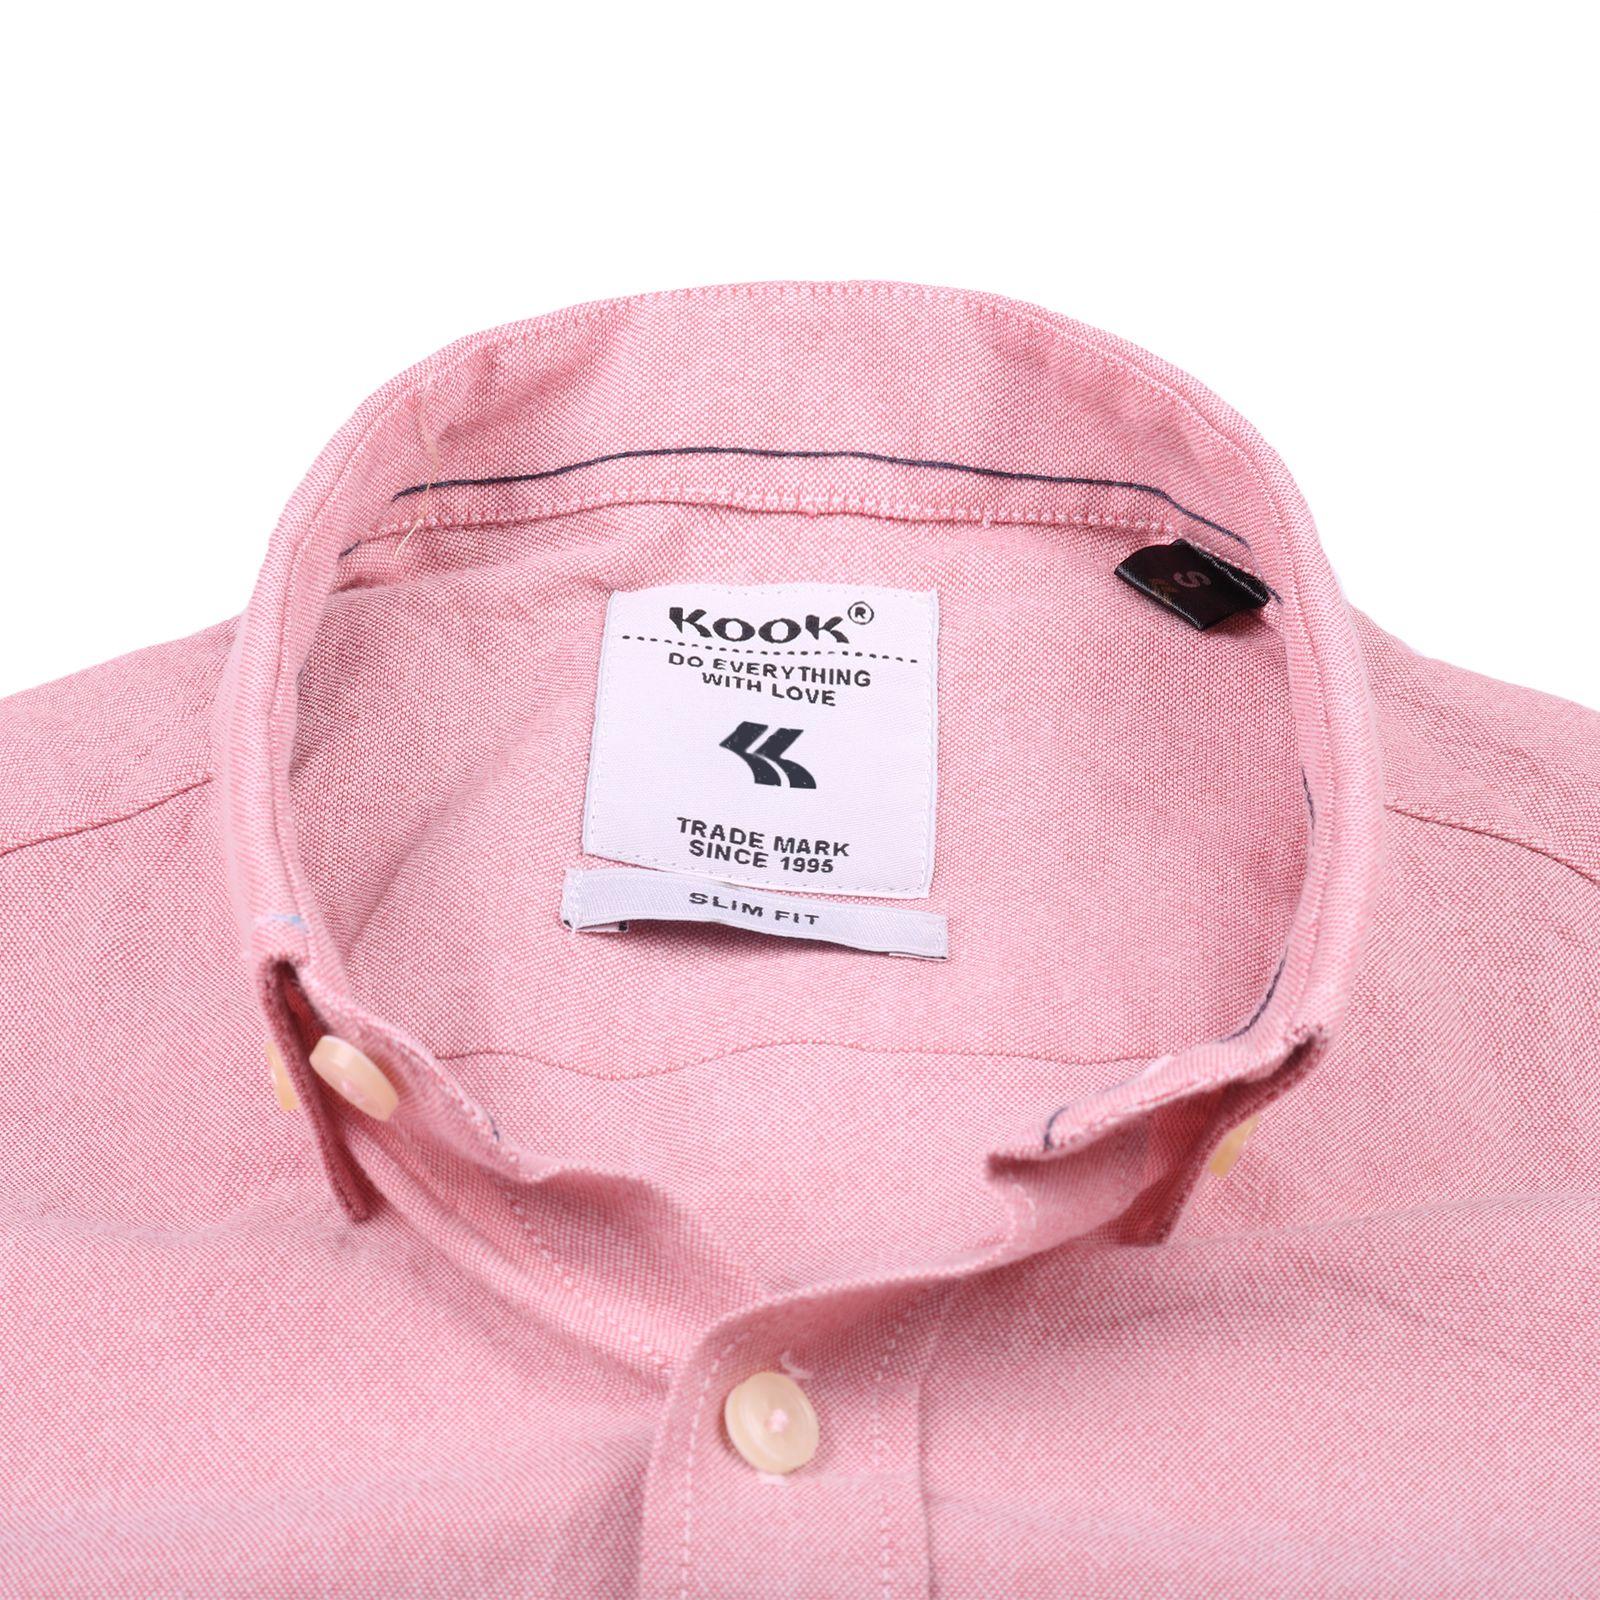 پیراهن مردانه کوک تریکو مدل 61728 -  - 5